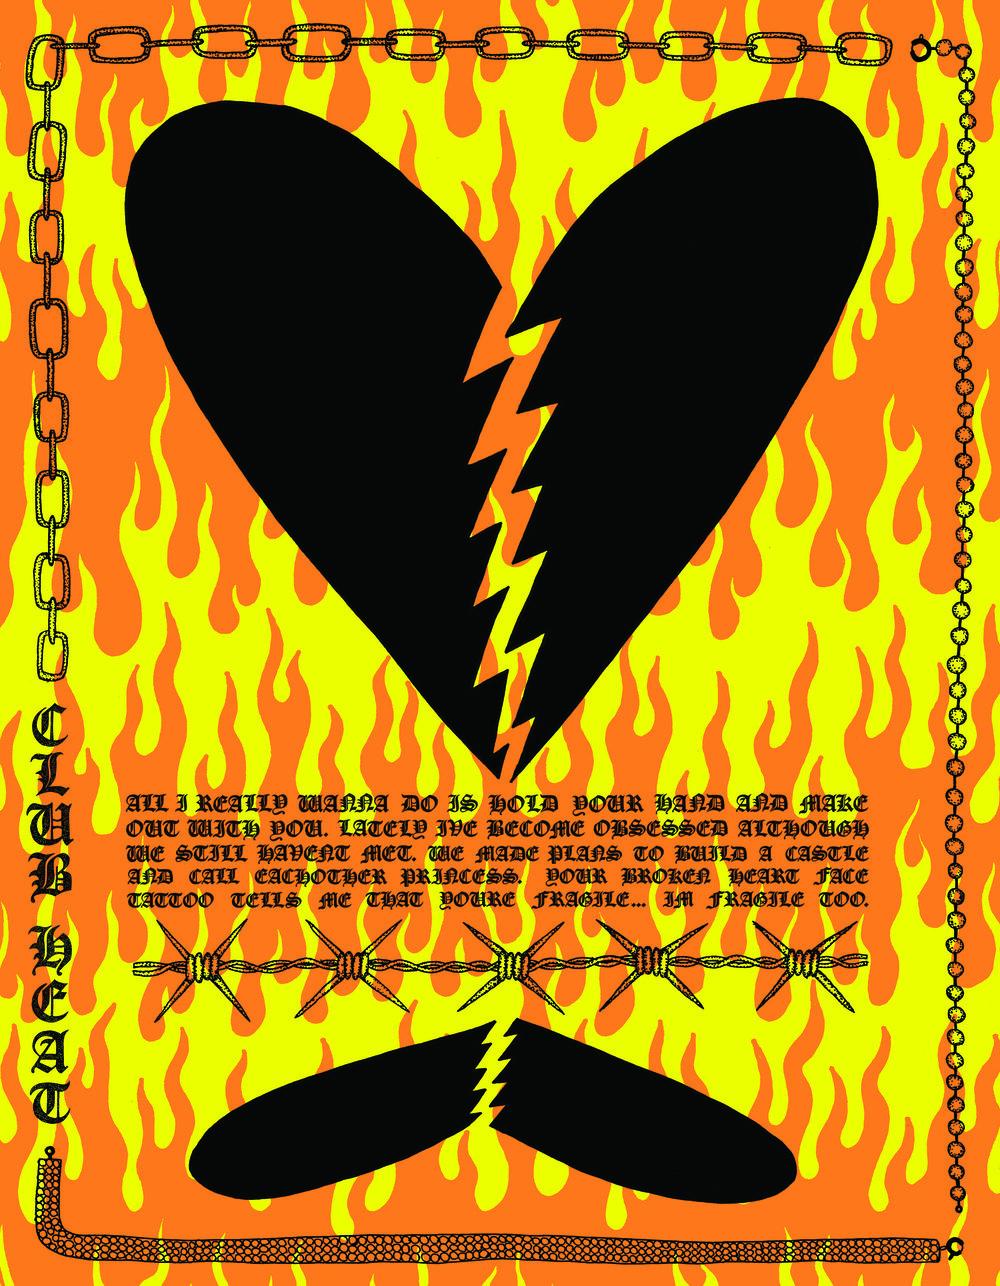 club_heat_poster_14x18_1 (1).jpg